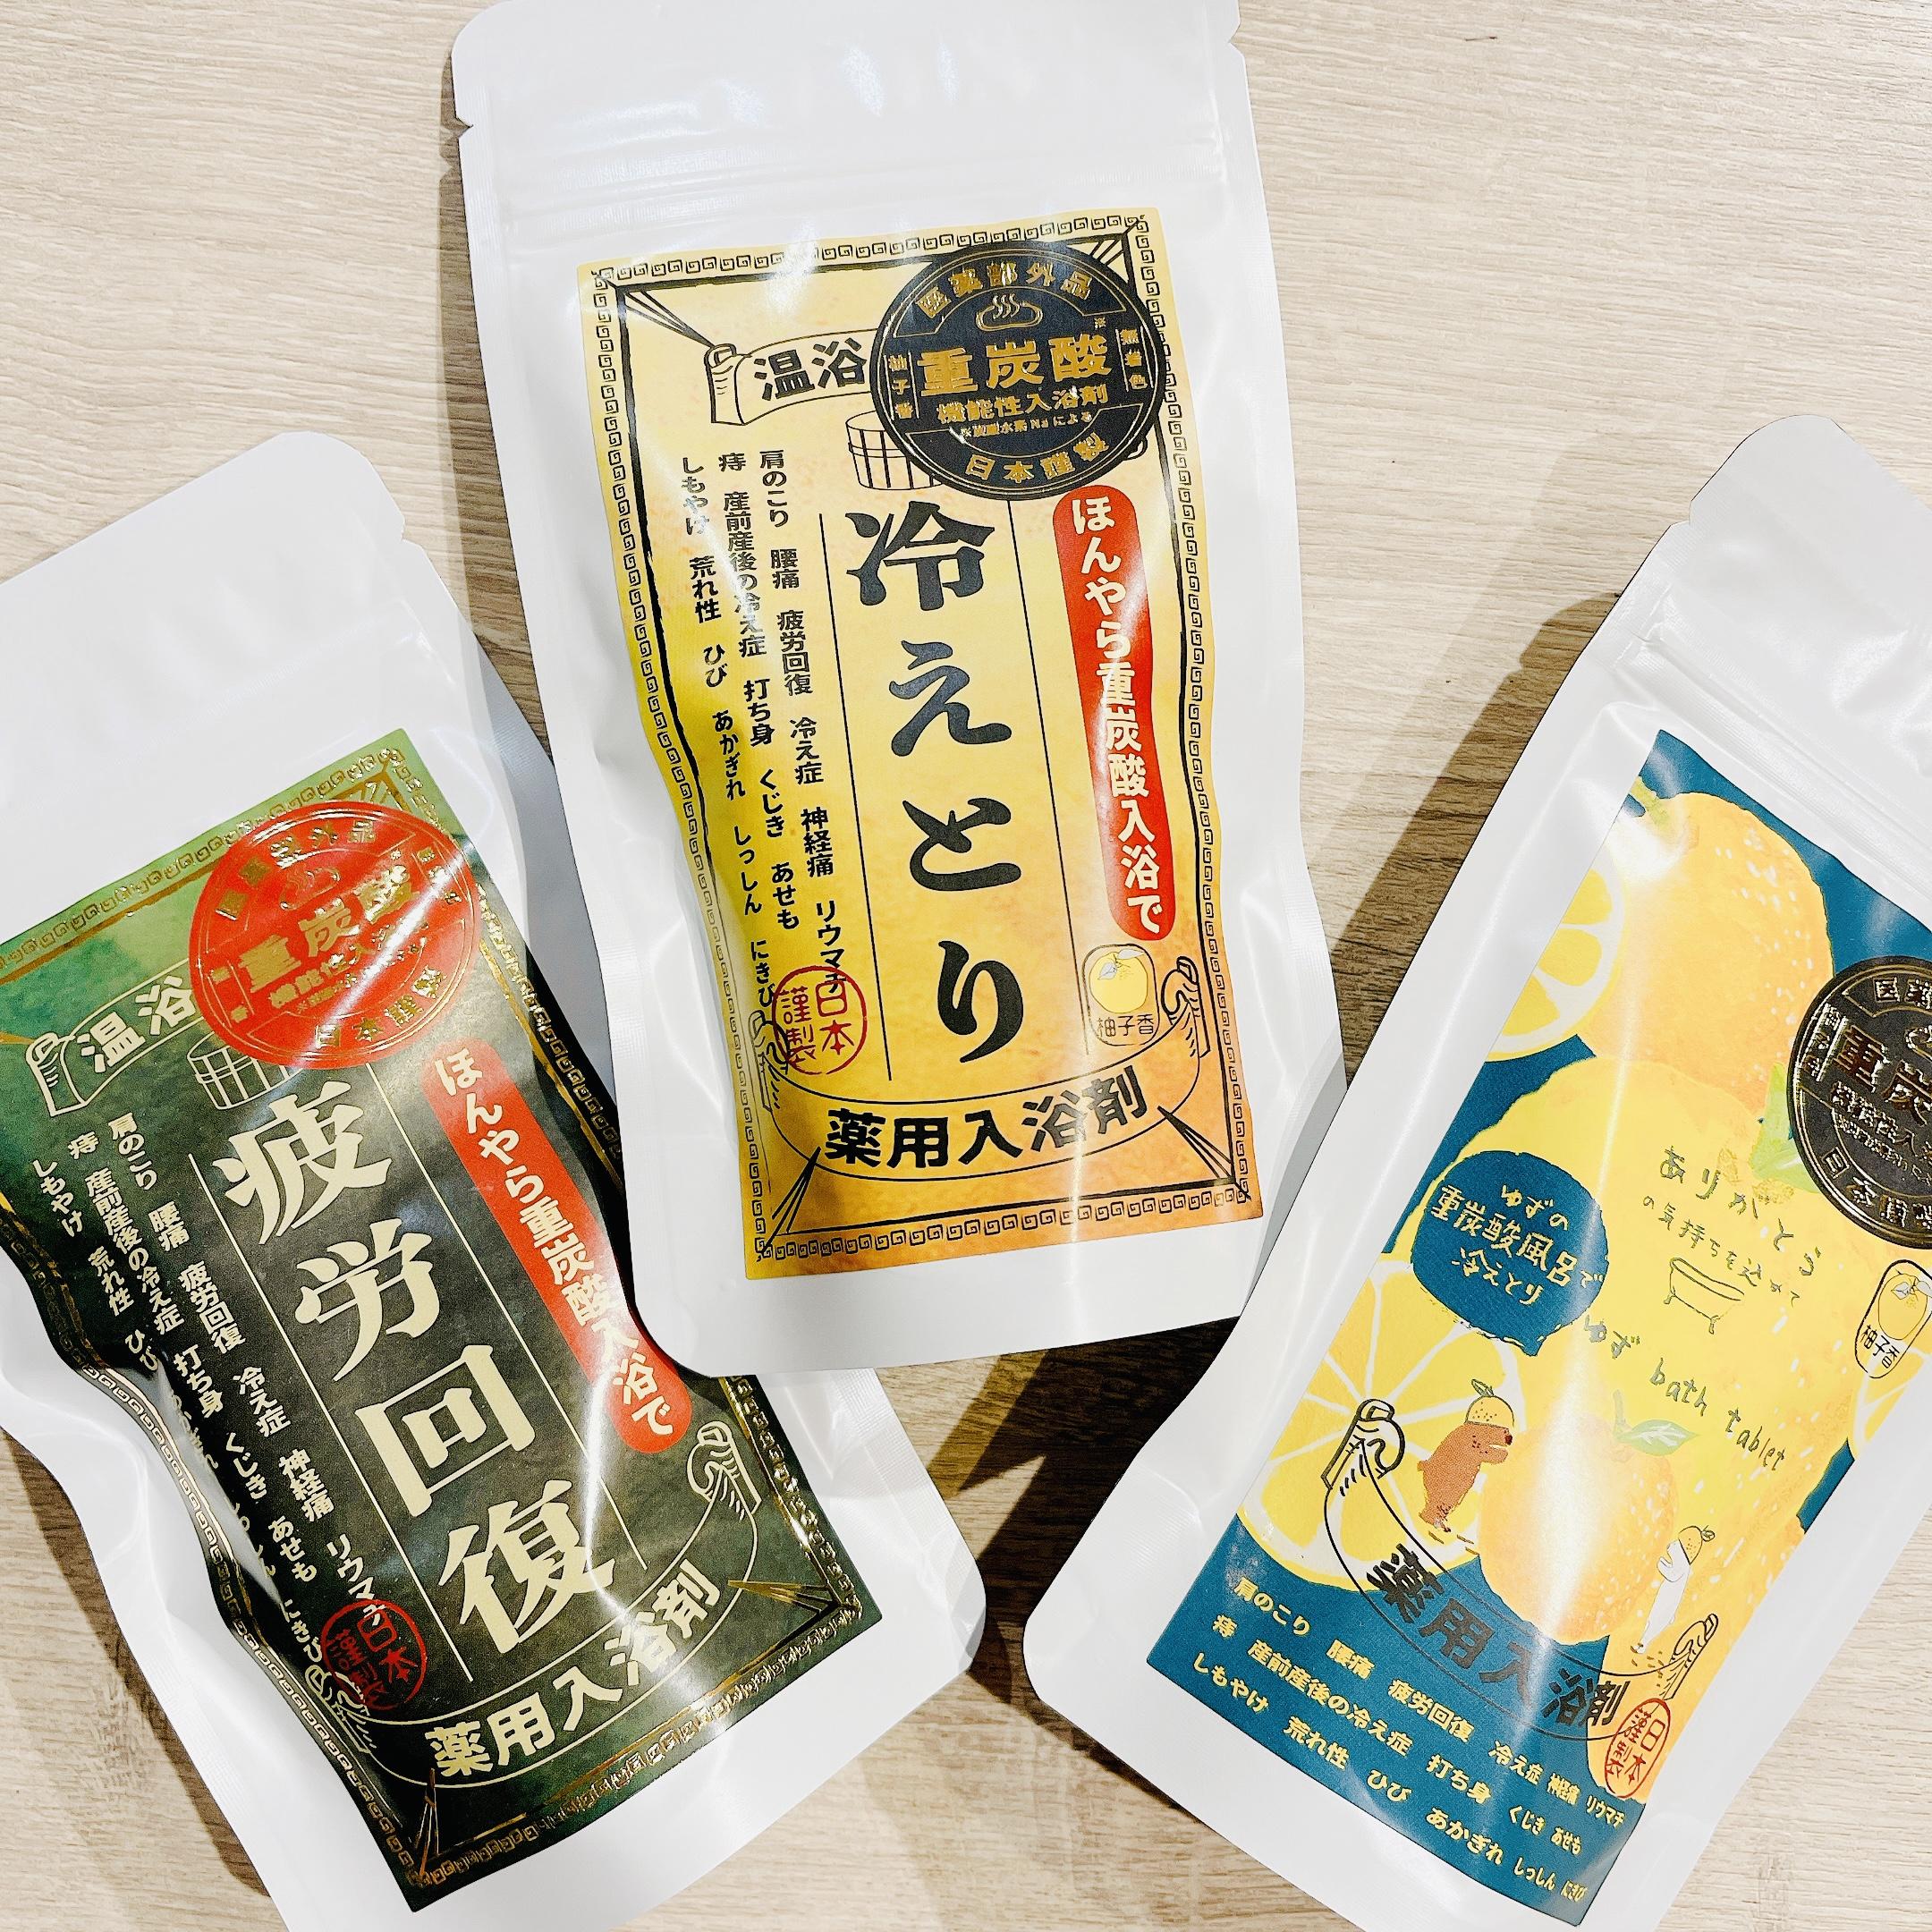 重炭酸入浴剤<br /> ¥1100